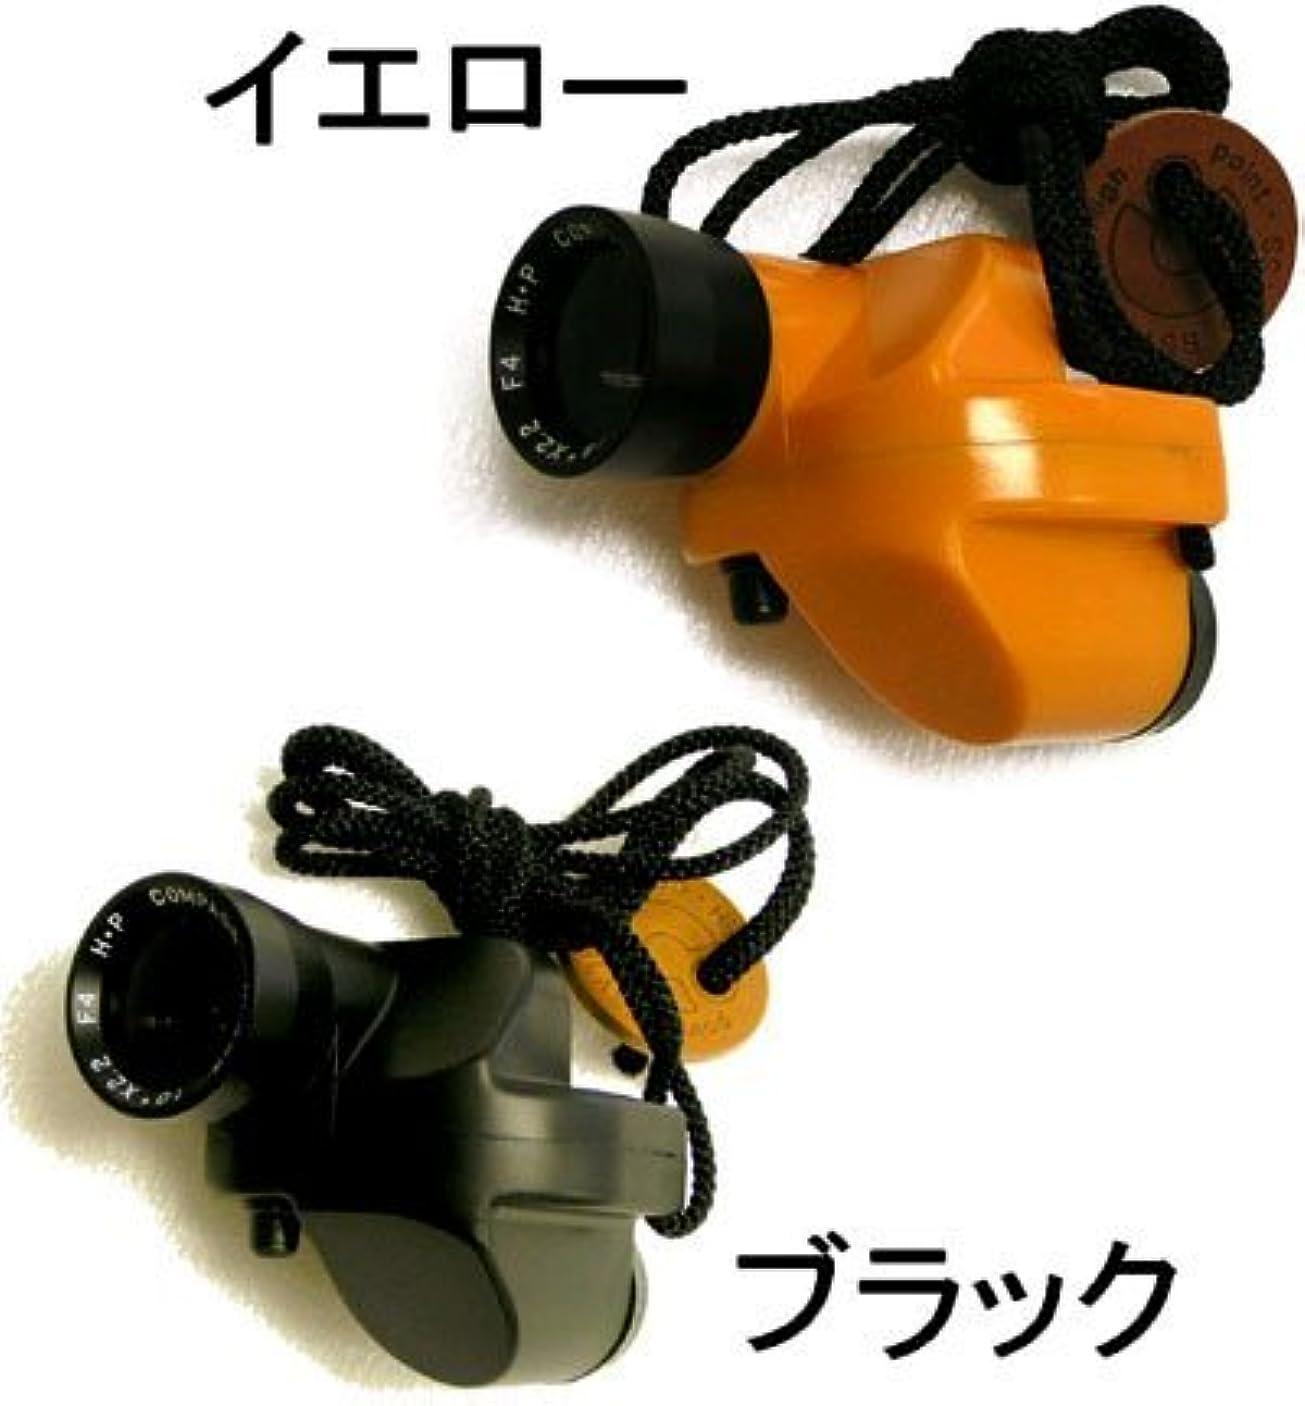 広大な吸収剤不規則性コンパスグラス 明視野照明(LED)付きモデル